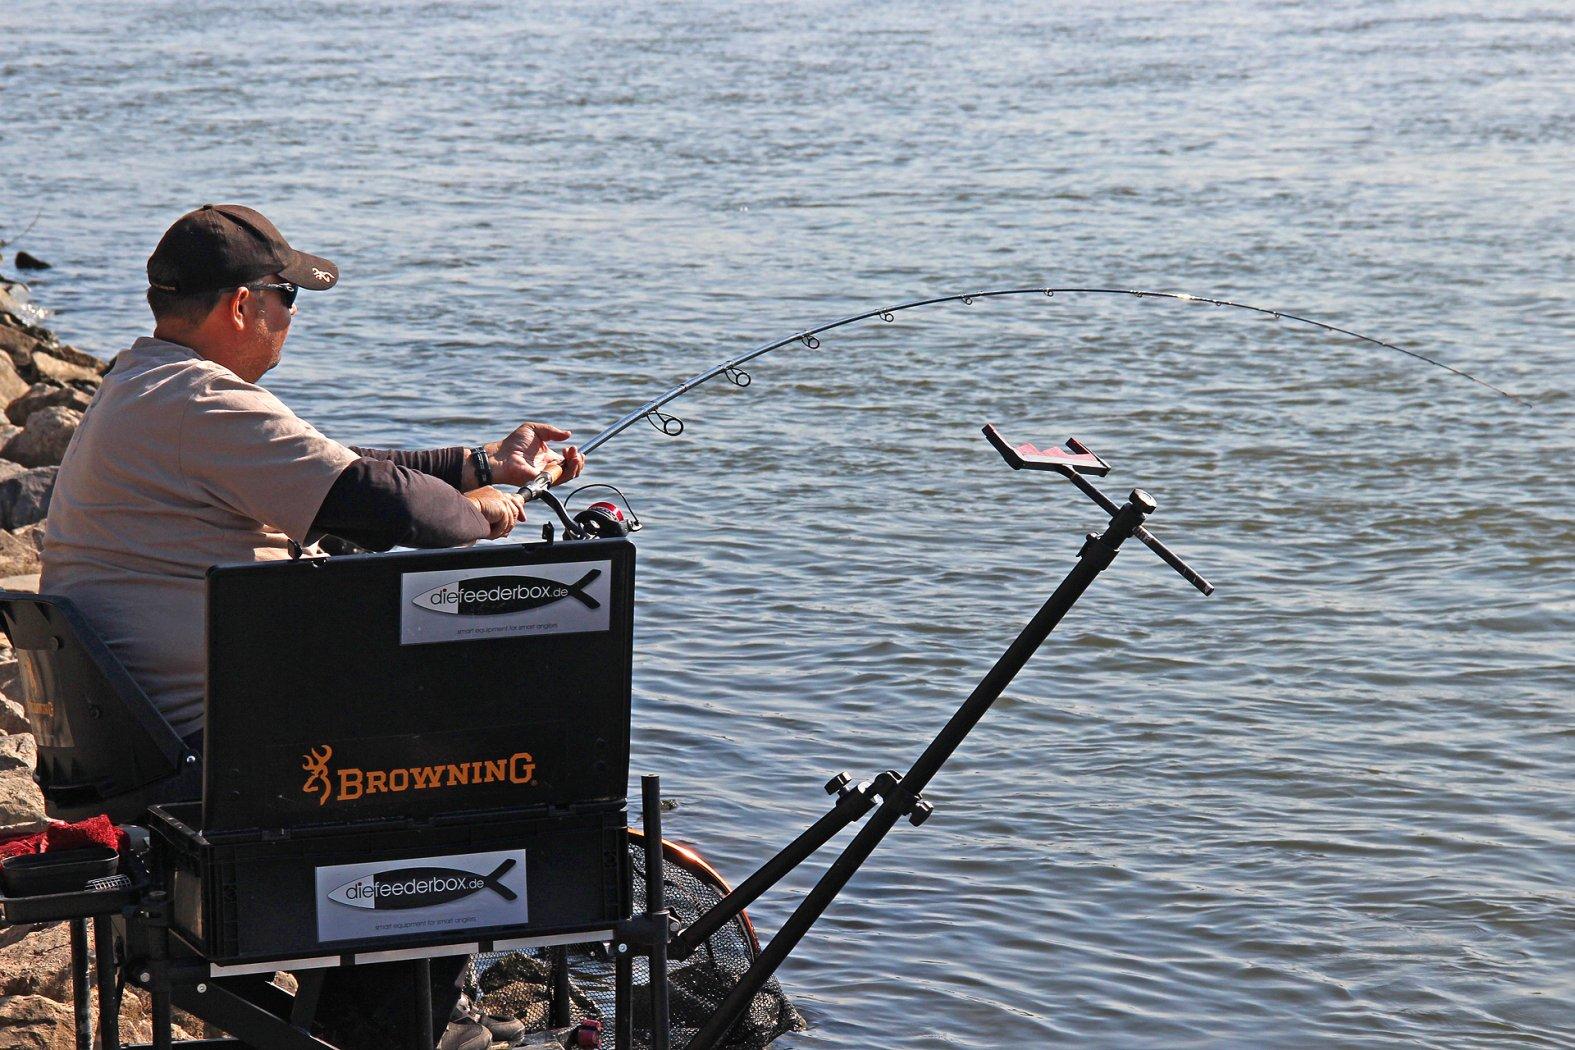 Barben angeln mit dem Window Feeder im Fluss